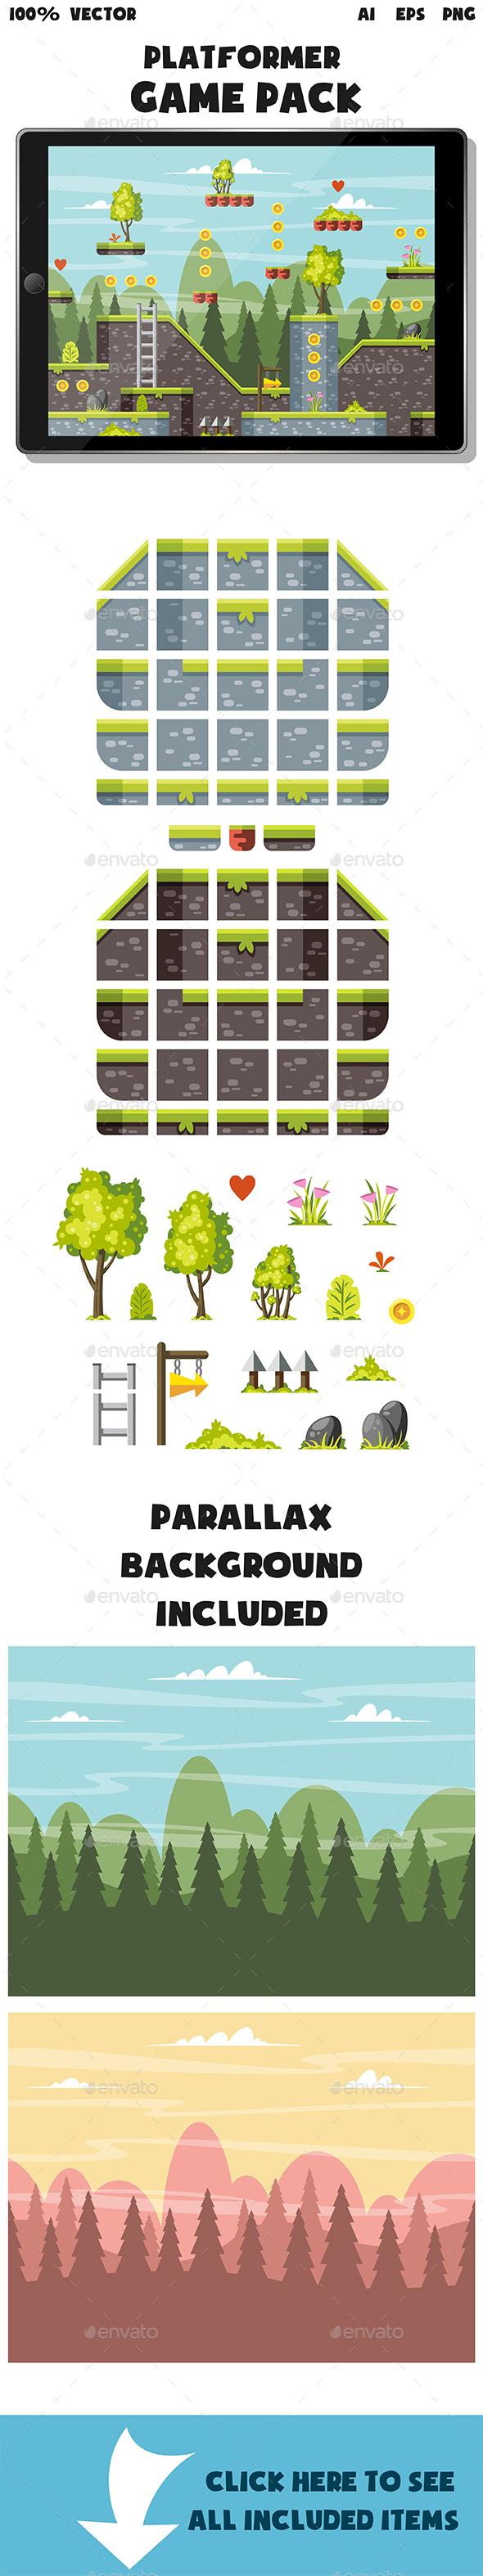 Platformer Game Pack